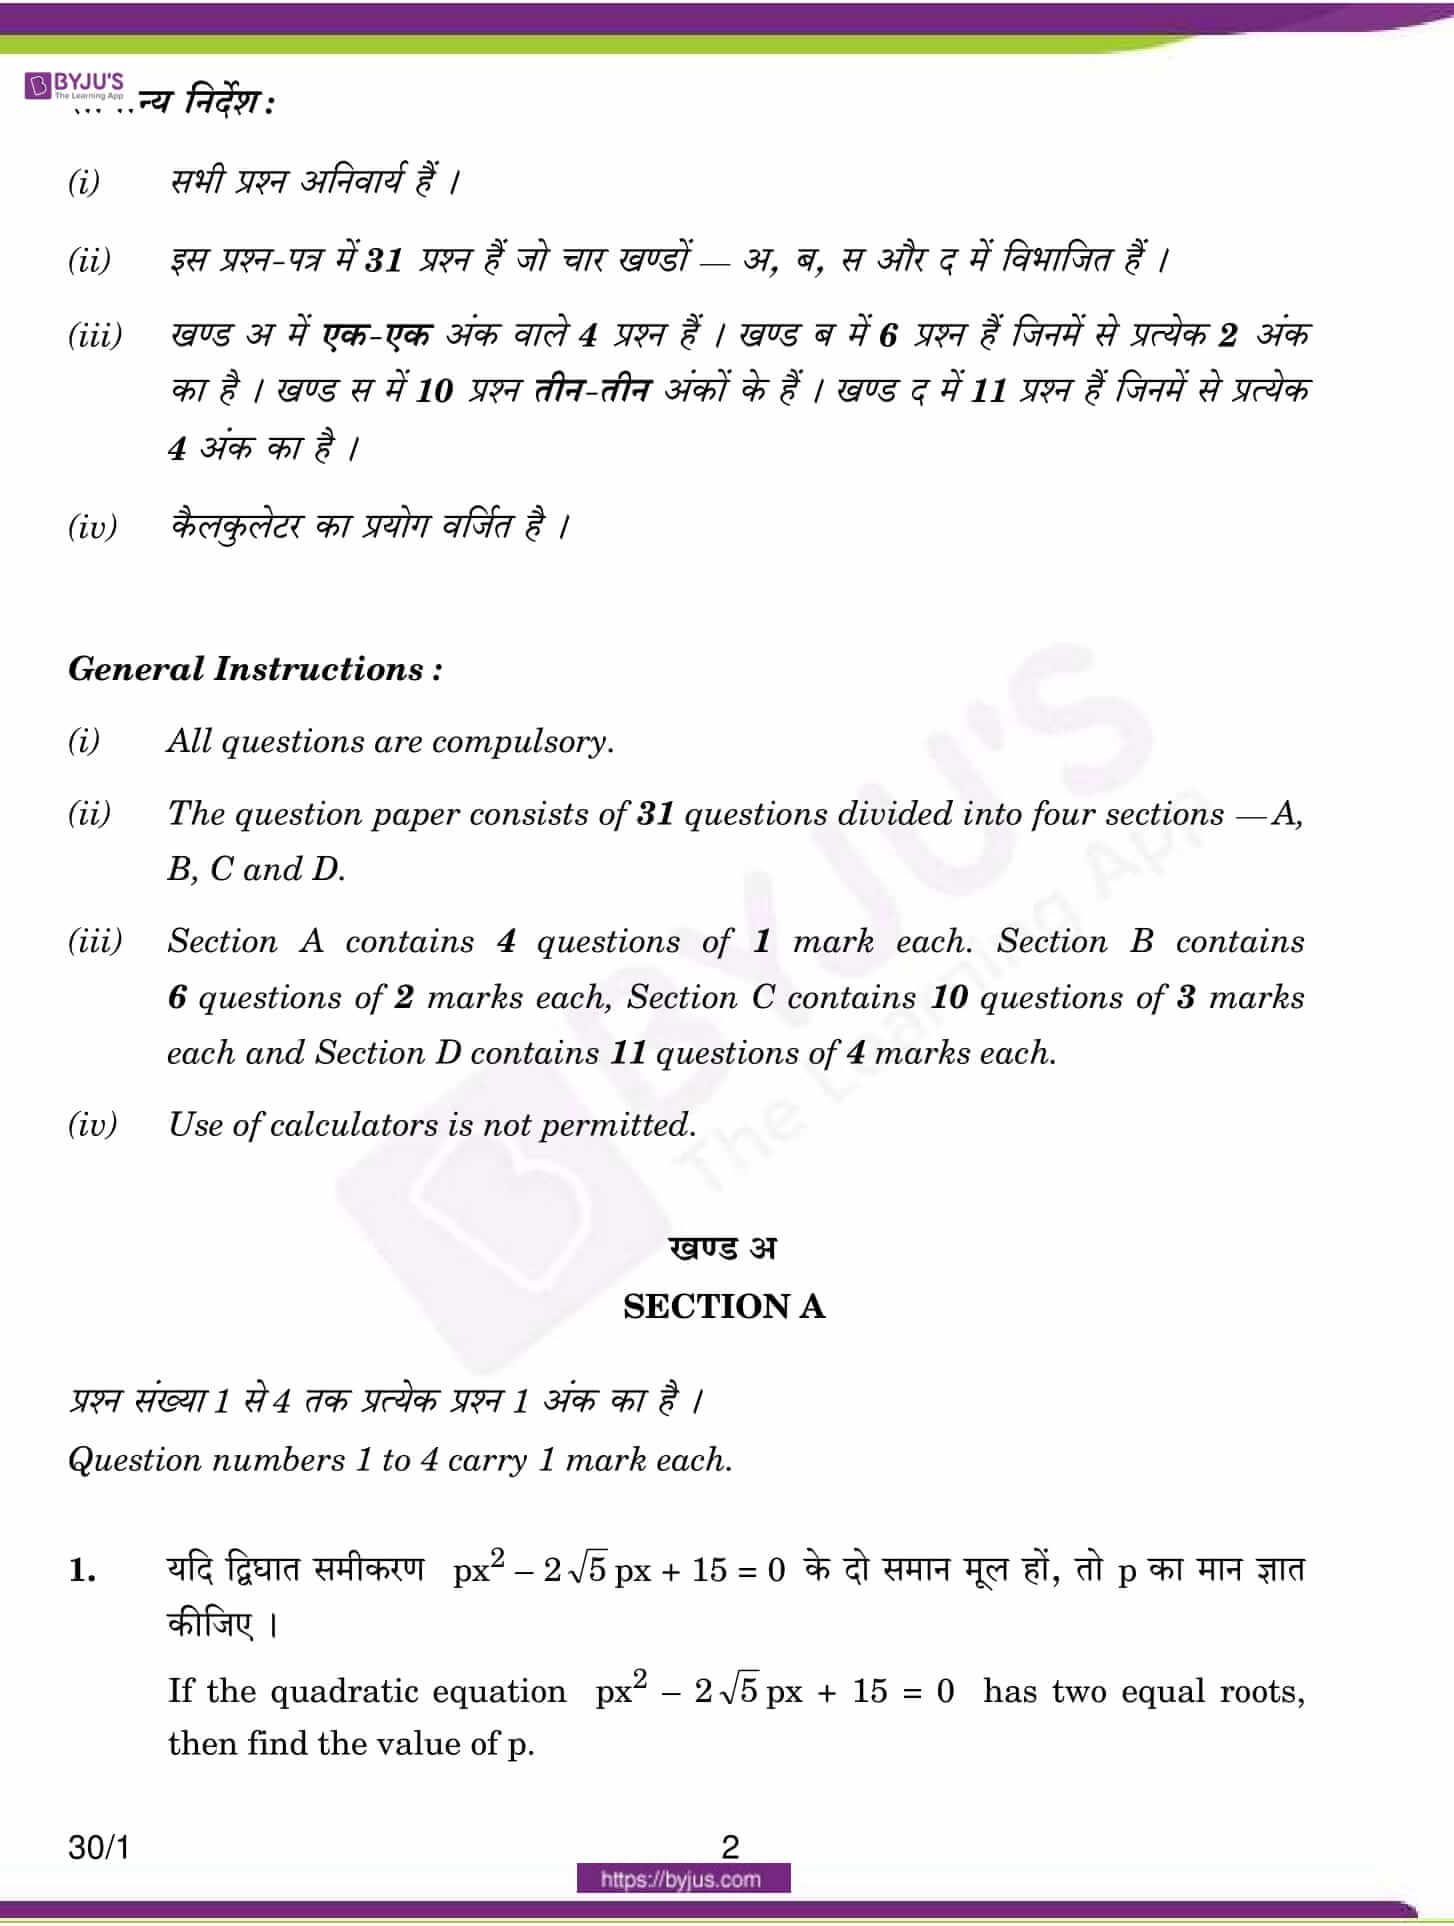 CBSE Class 10 Maths Qs Paper 2015 Set 1 02